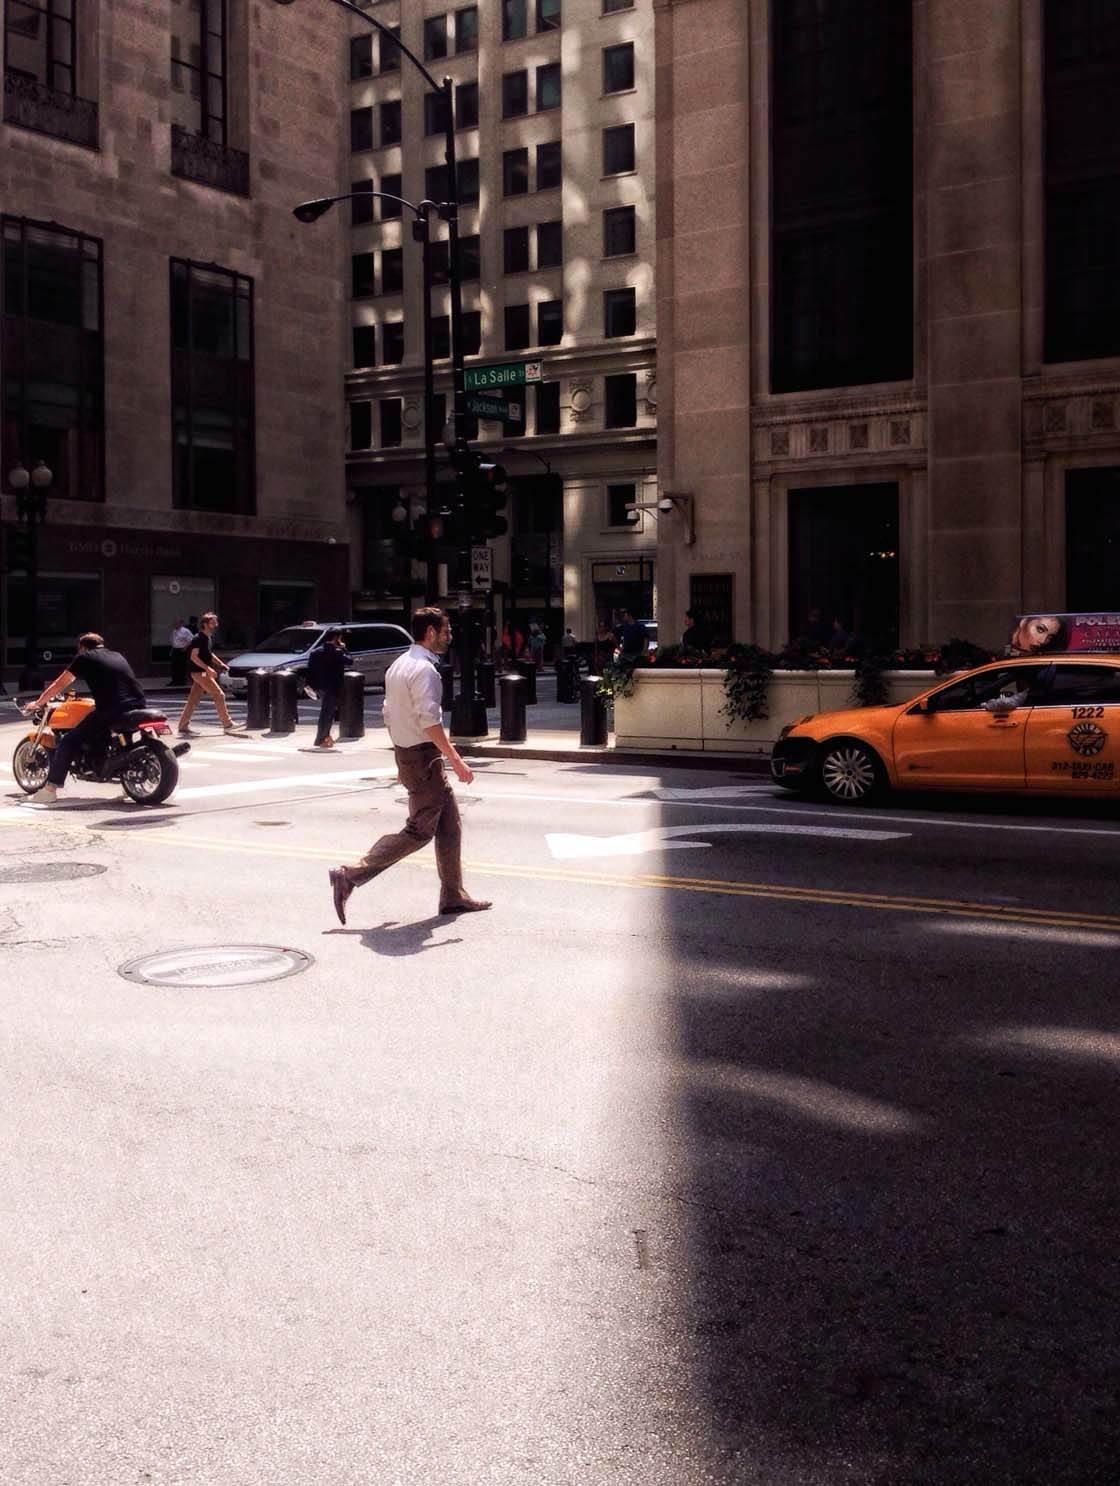 Busy City iPhone Photos 22 no script